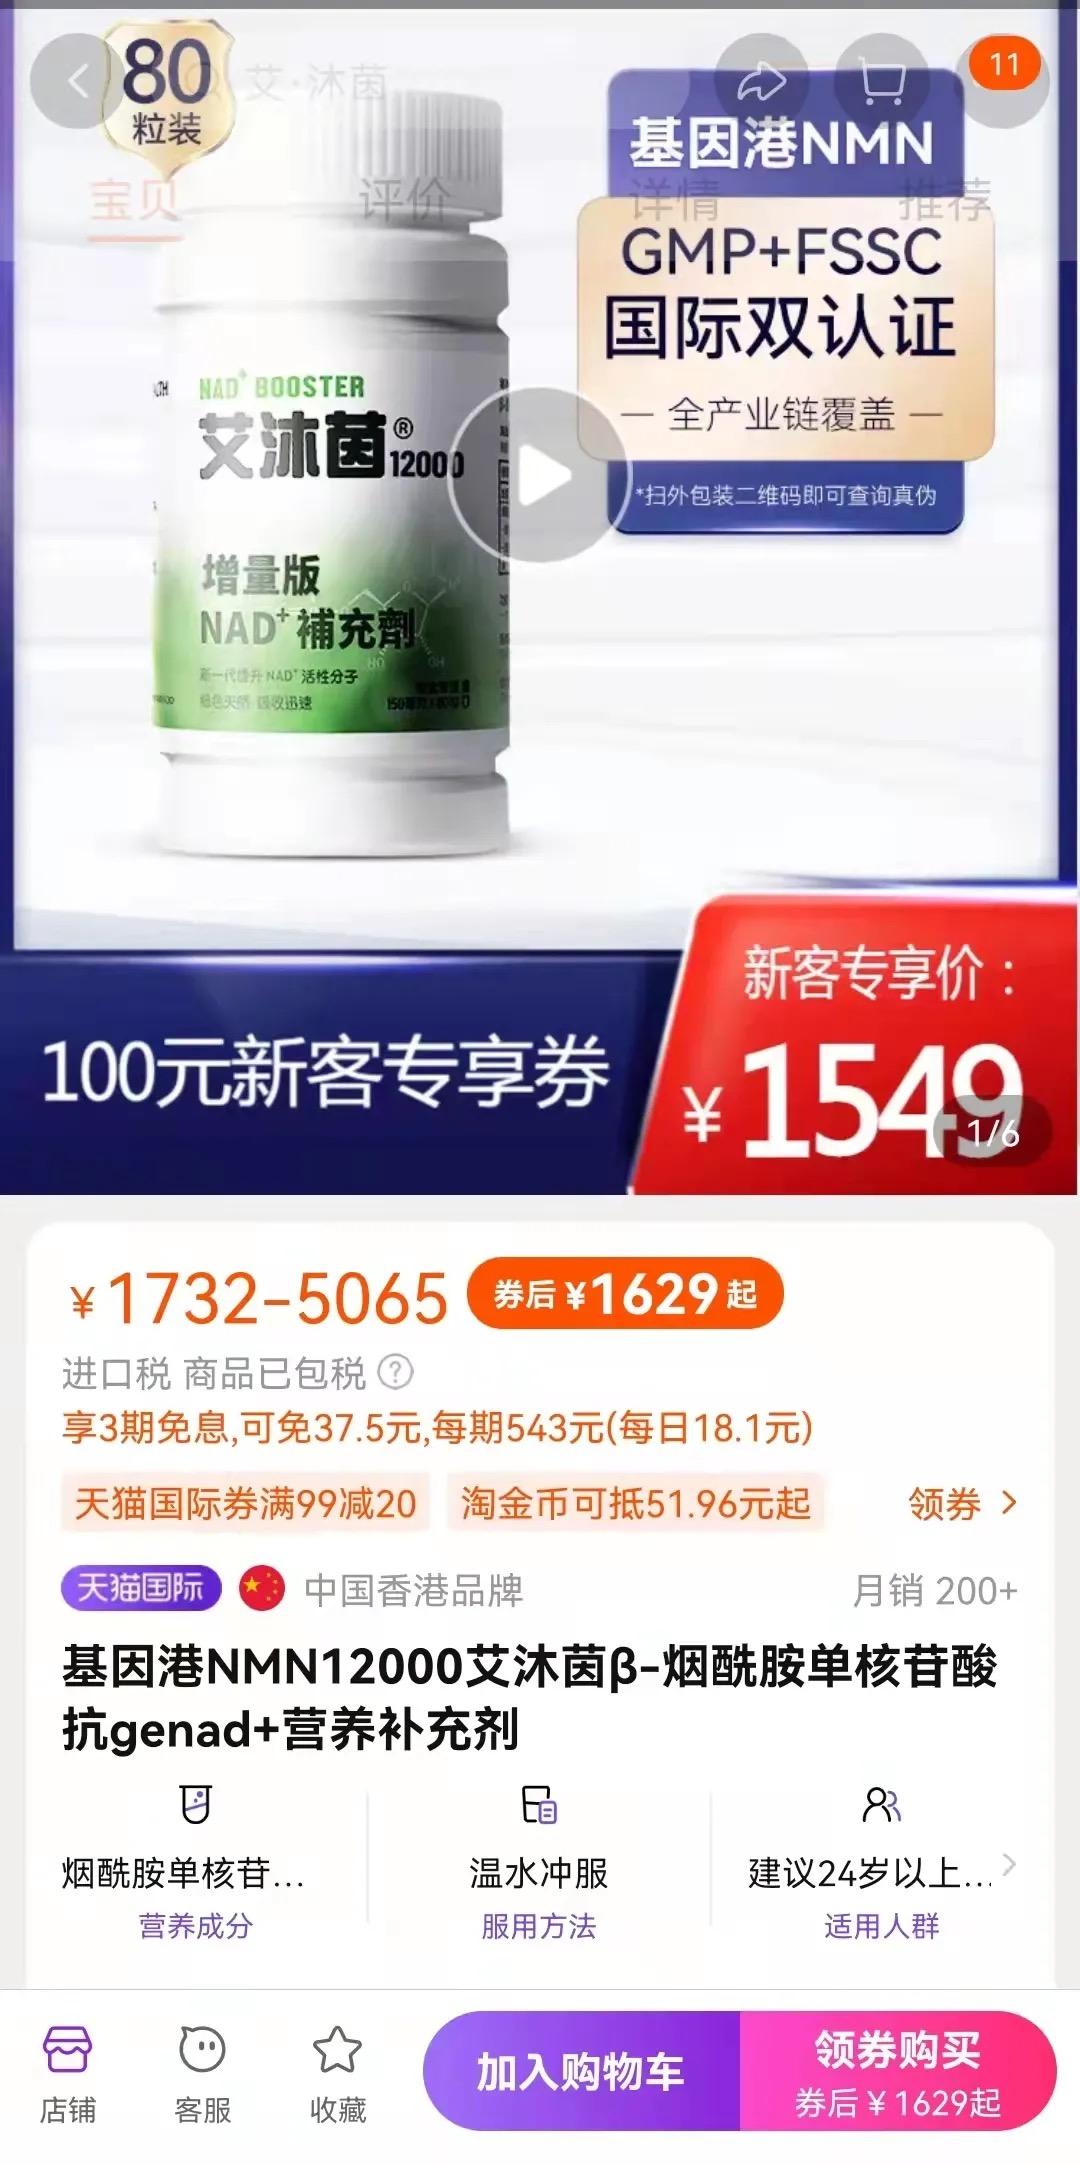 宣传产品能逆转血管老化等,上海途零科技被罚35148元